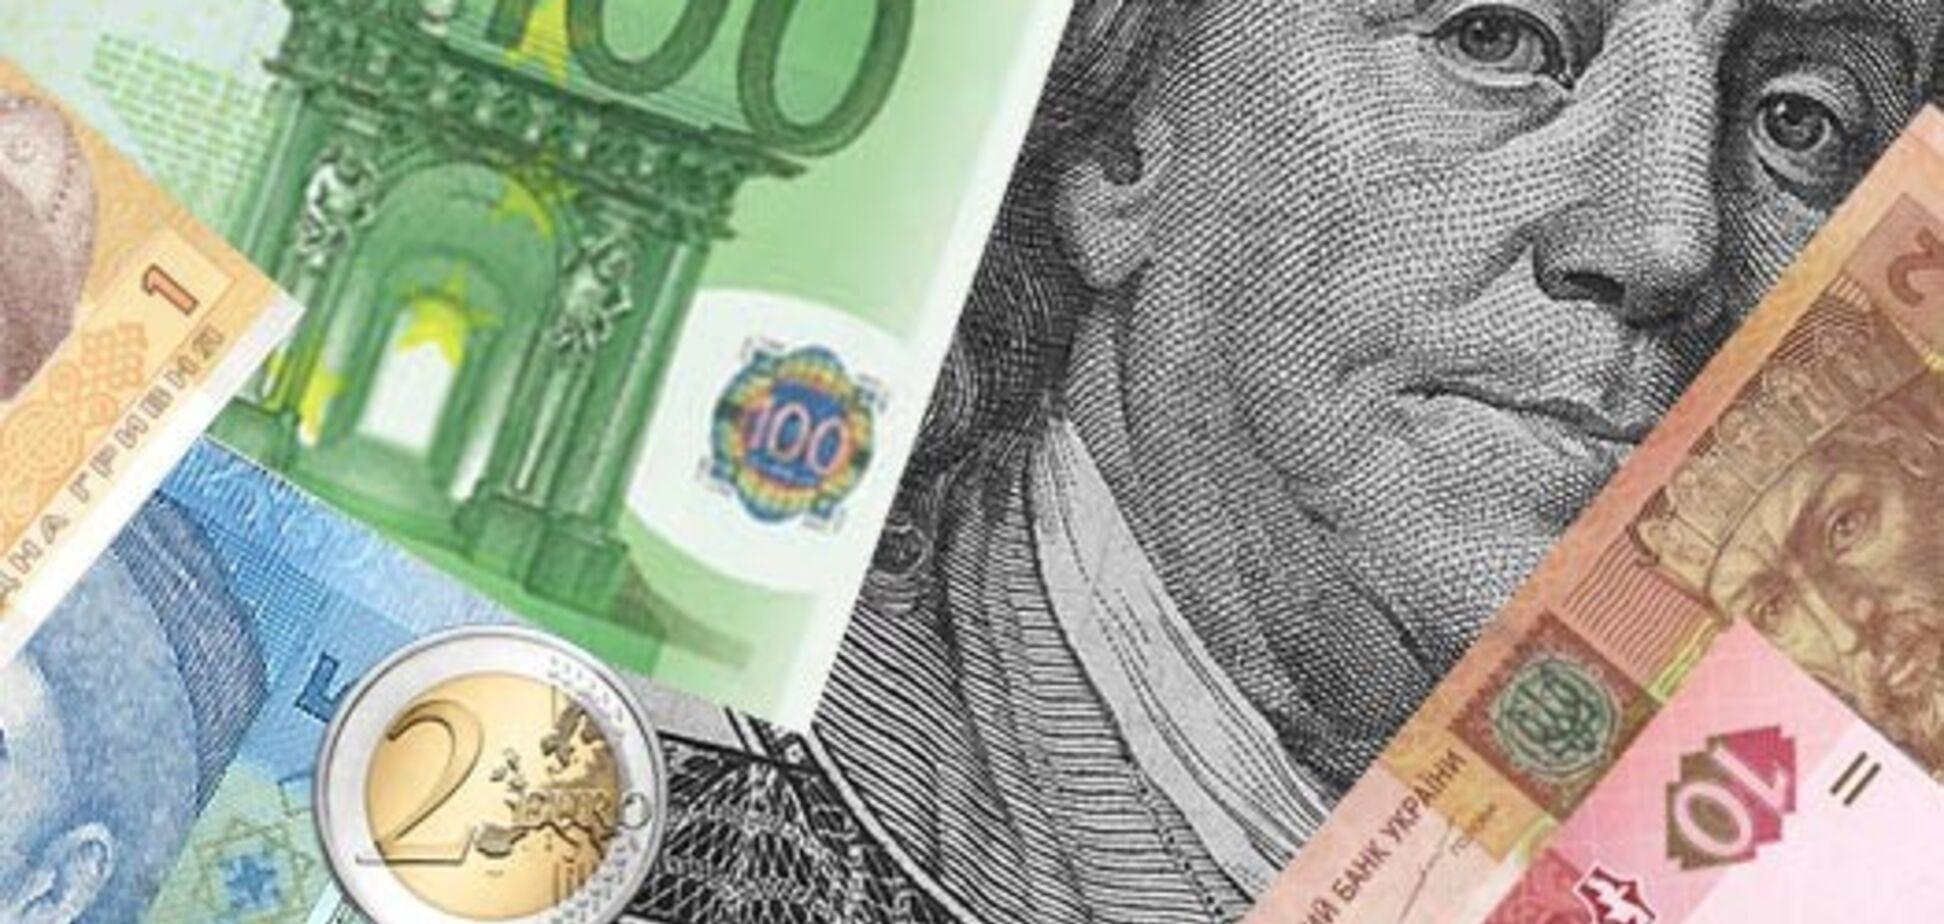 Курс долара в Україні: з'явився цікавий прогноз